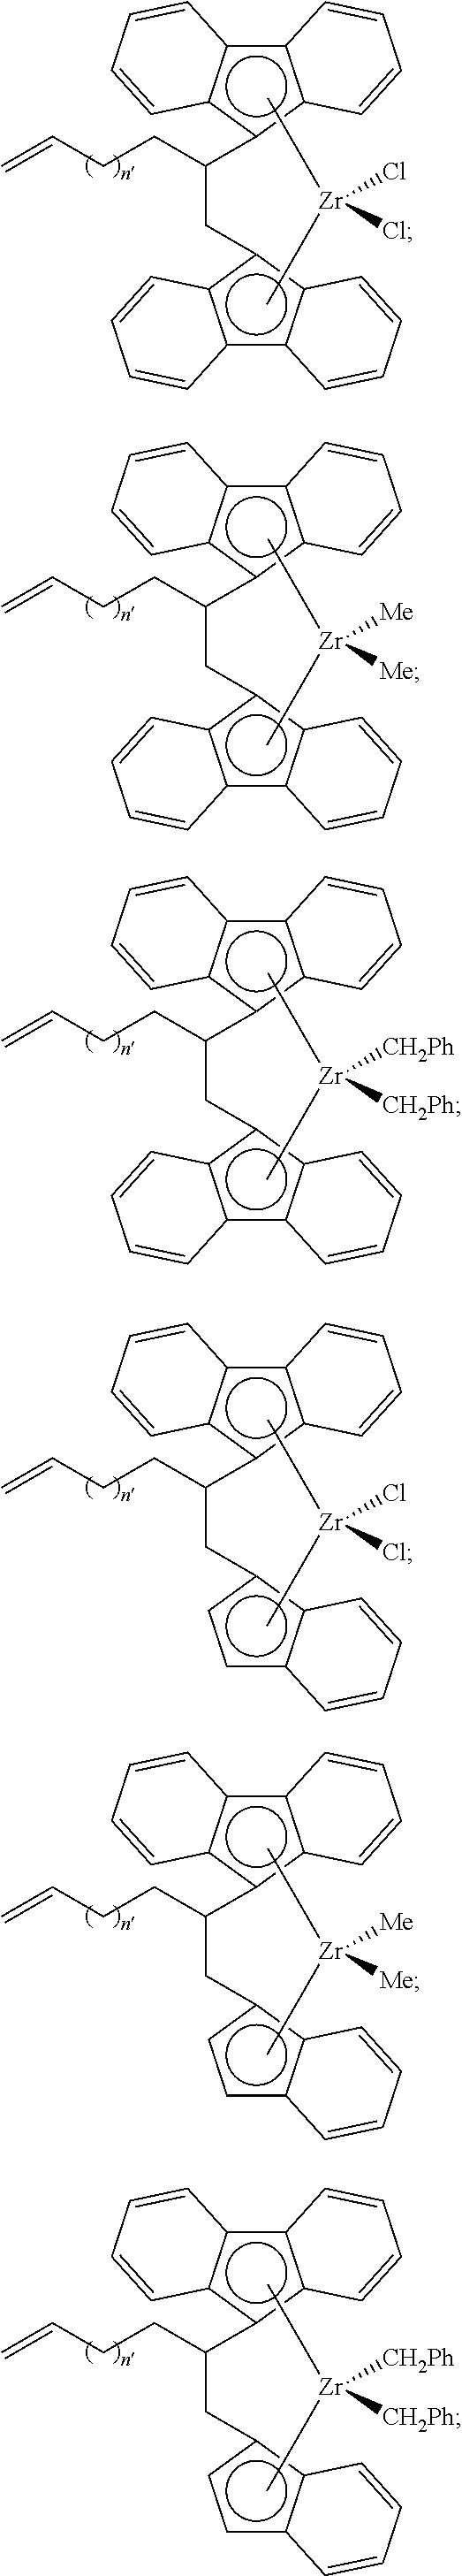 Figure US07884163-20110208-C00013